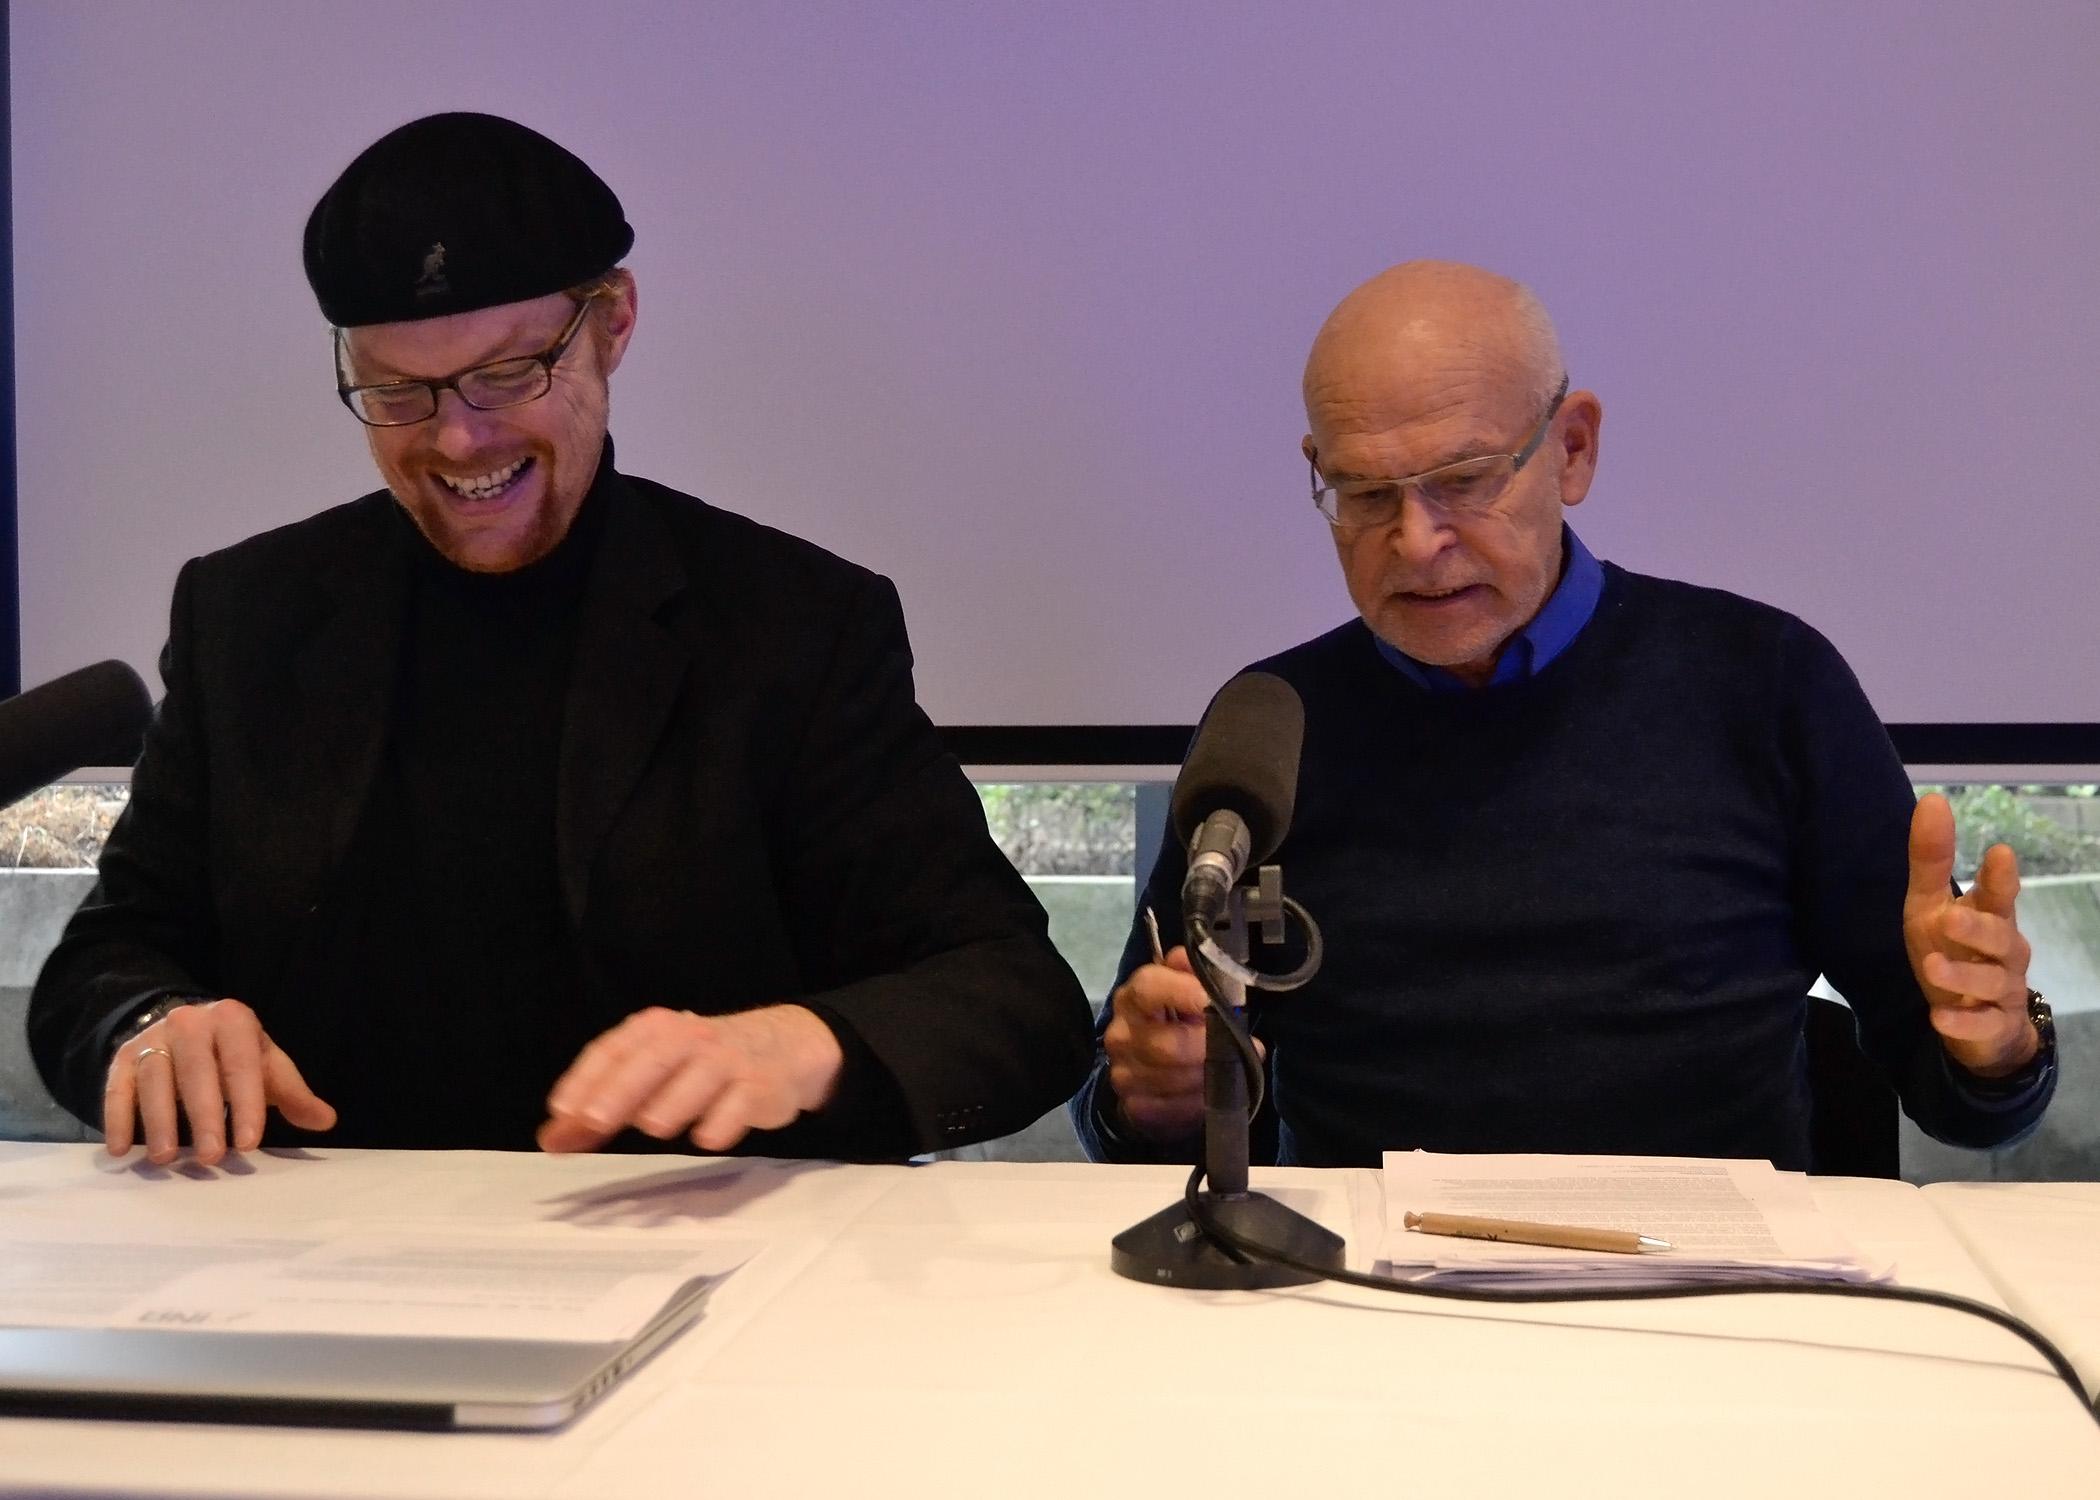 Ebenfalls als INA-Mitglied auf der Pressekonferenz vertreten: Journalist Günter Wallraff.